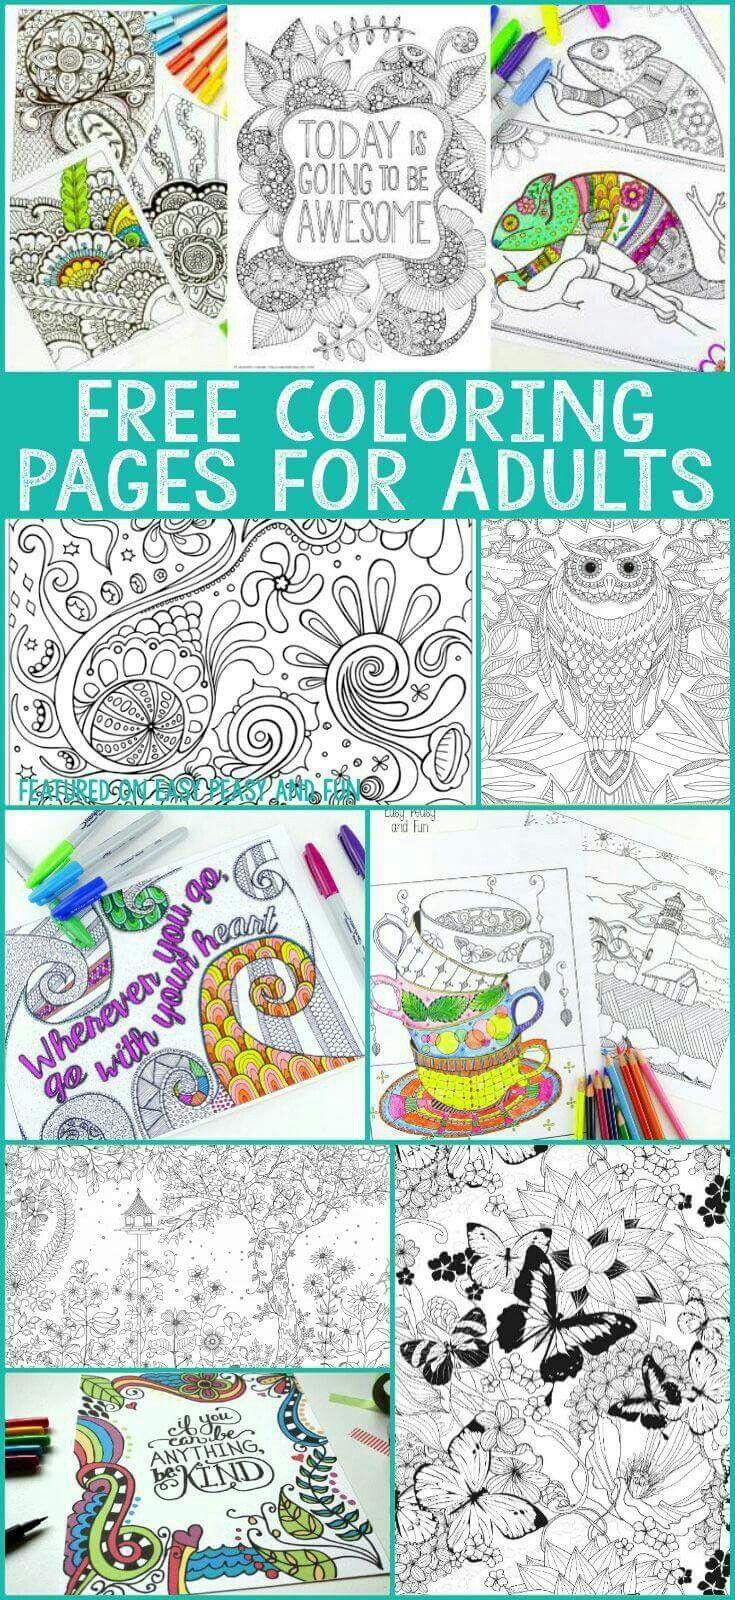 Ausmalbilder Für Erwachsene Kostenlos Genial 37 Best Colouring Images On Pinterest Fotos